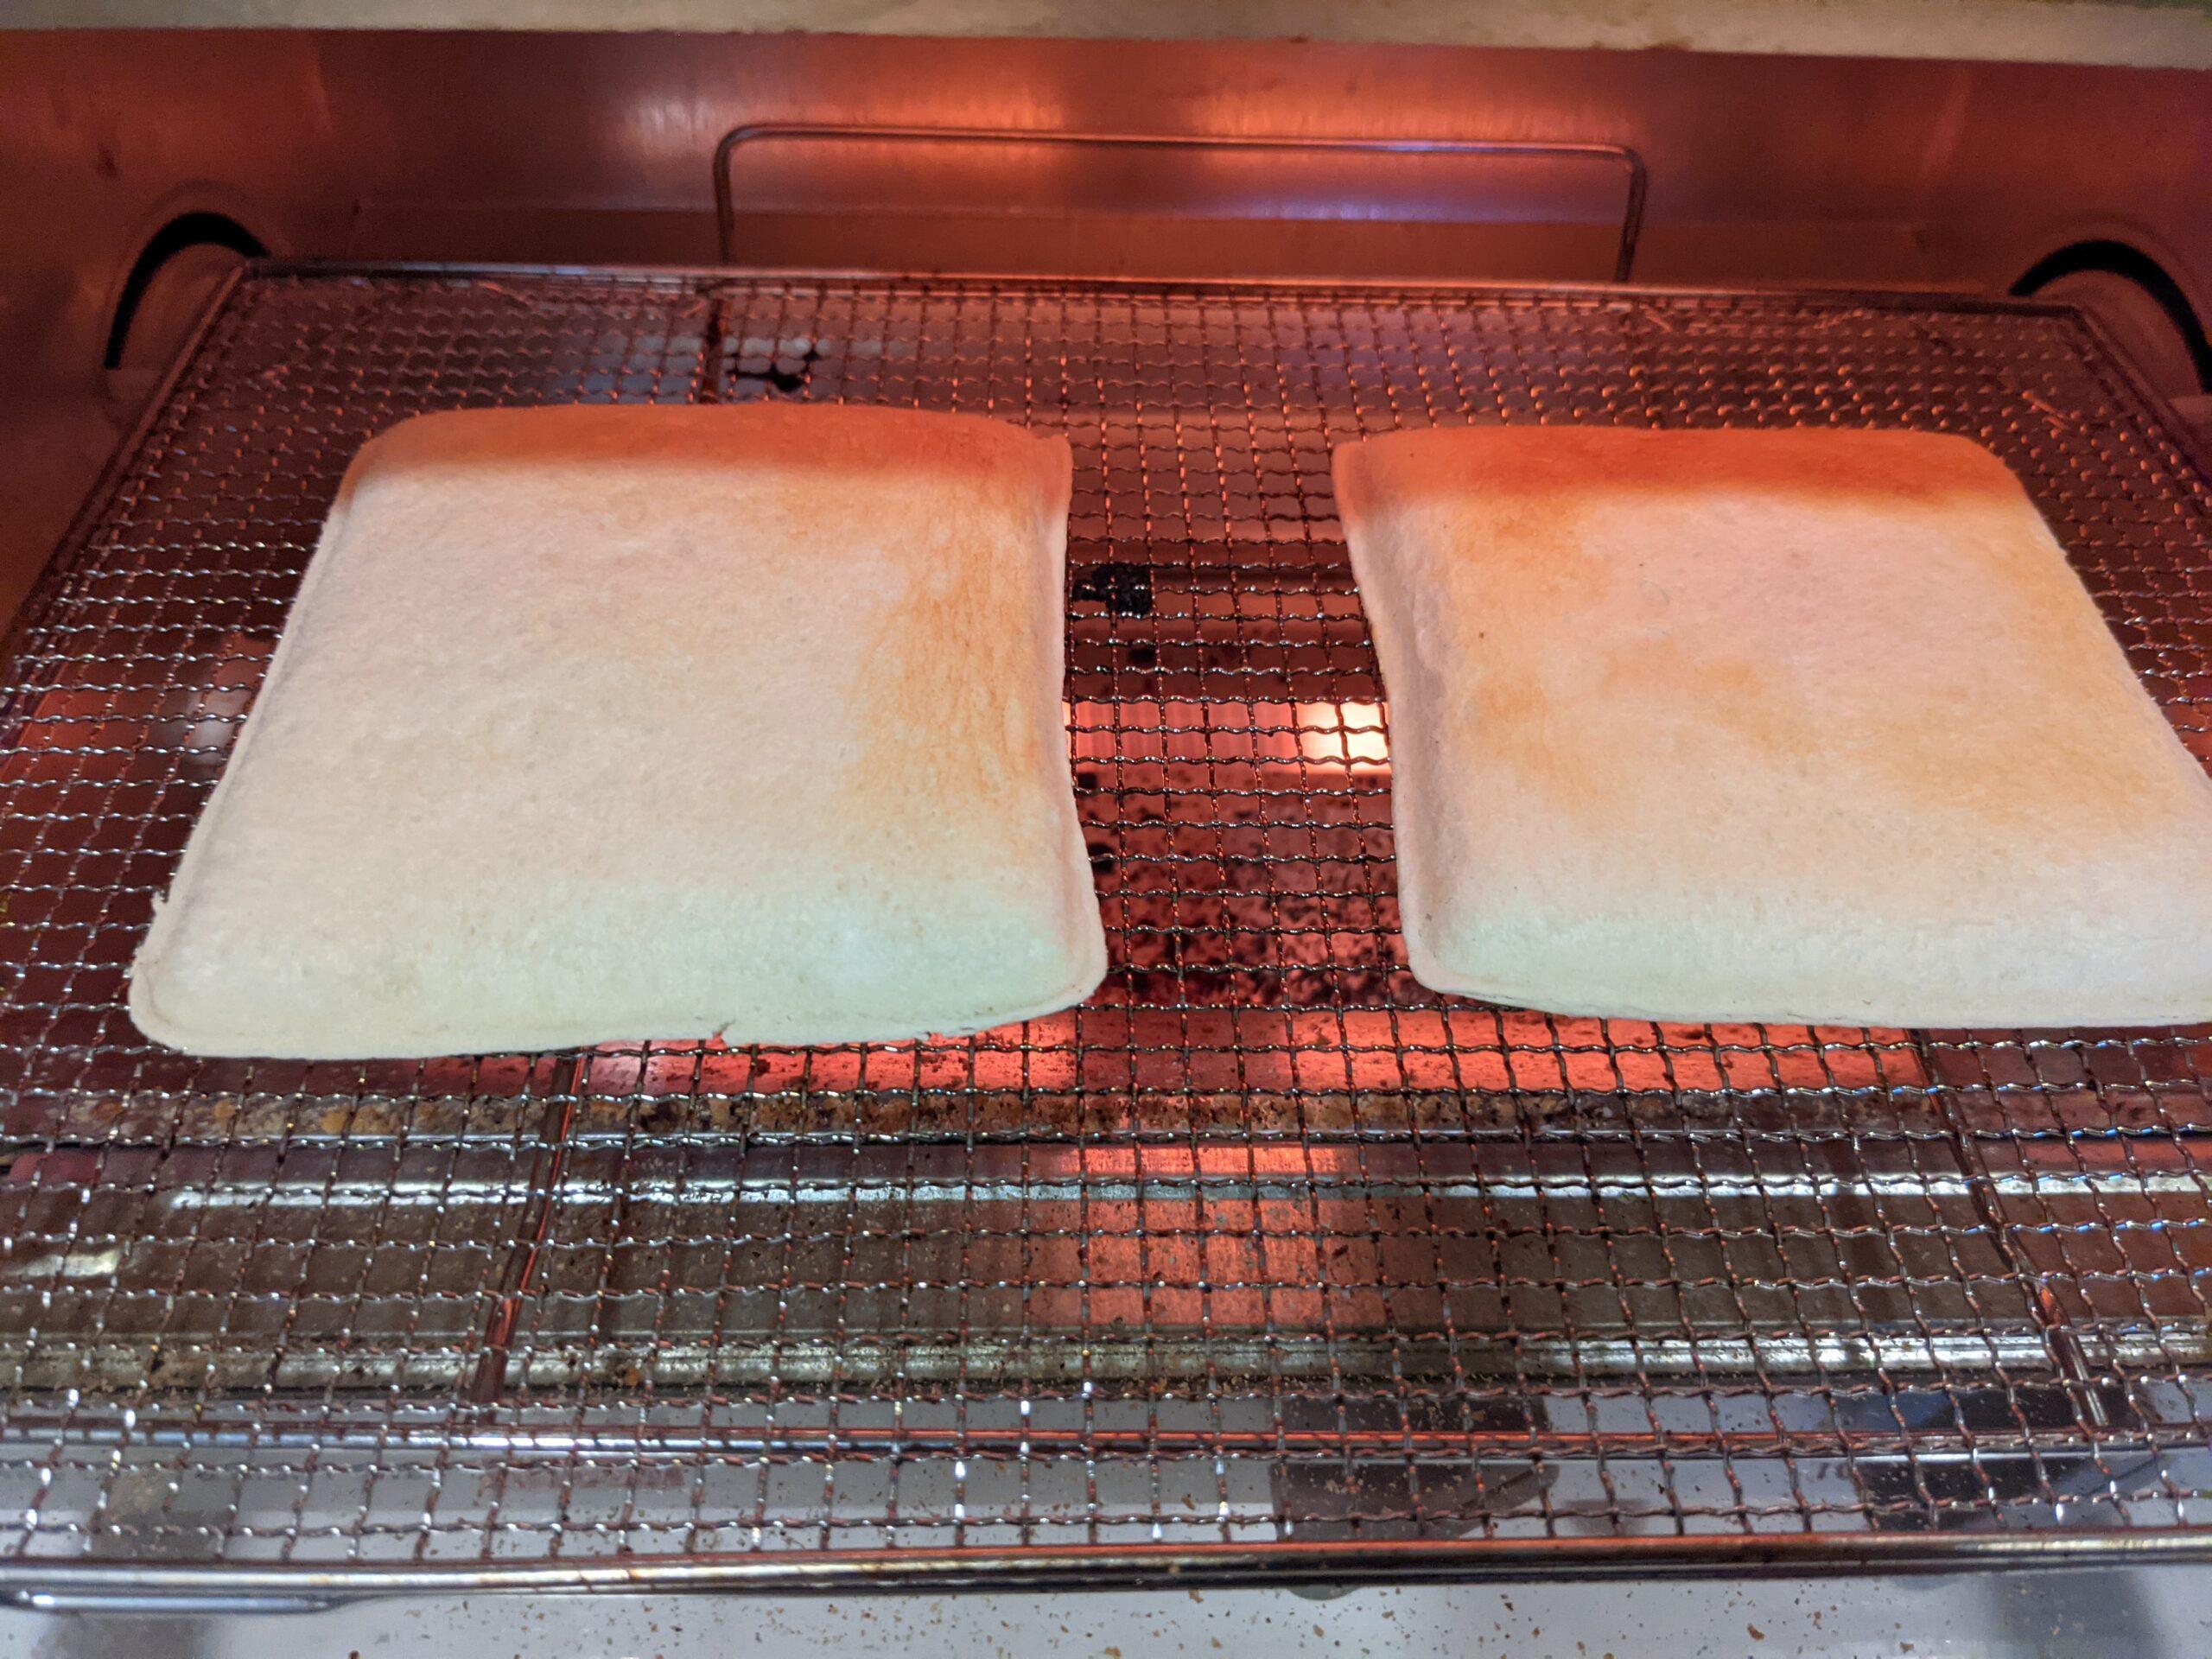 プルコギ&チーズを電子レンジで温め2分